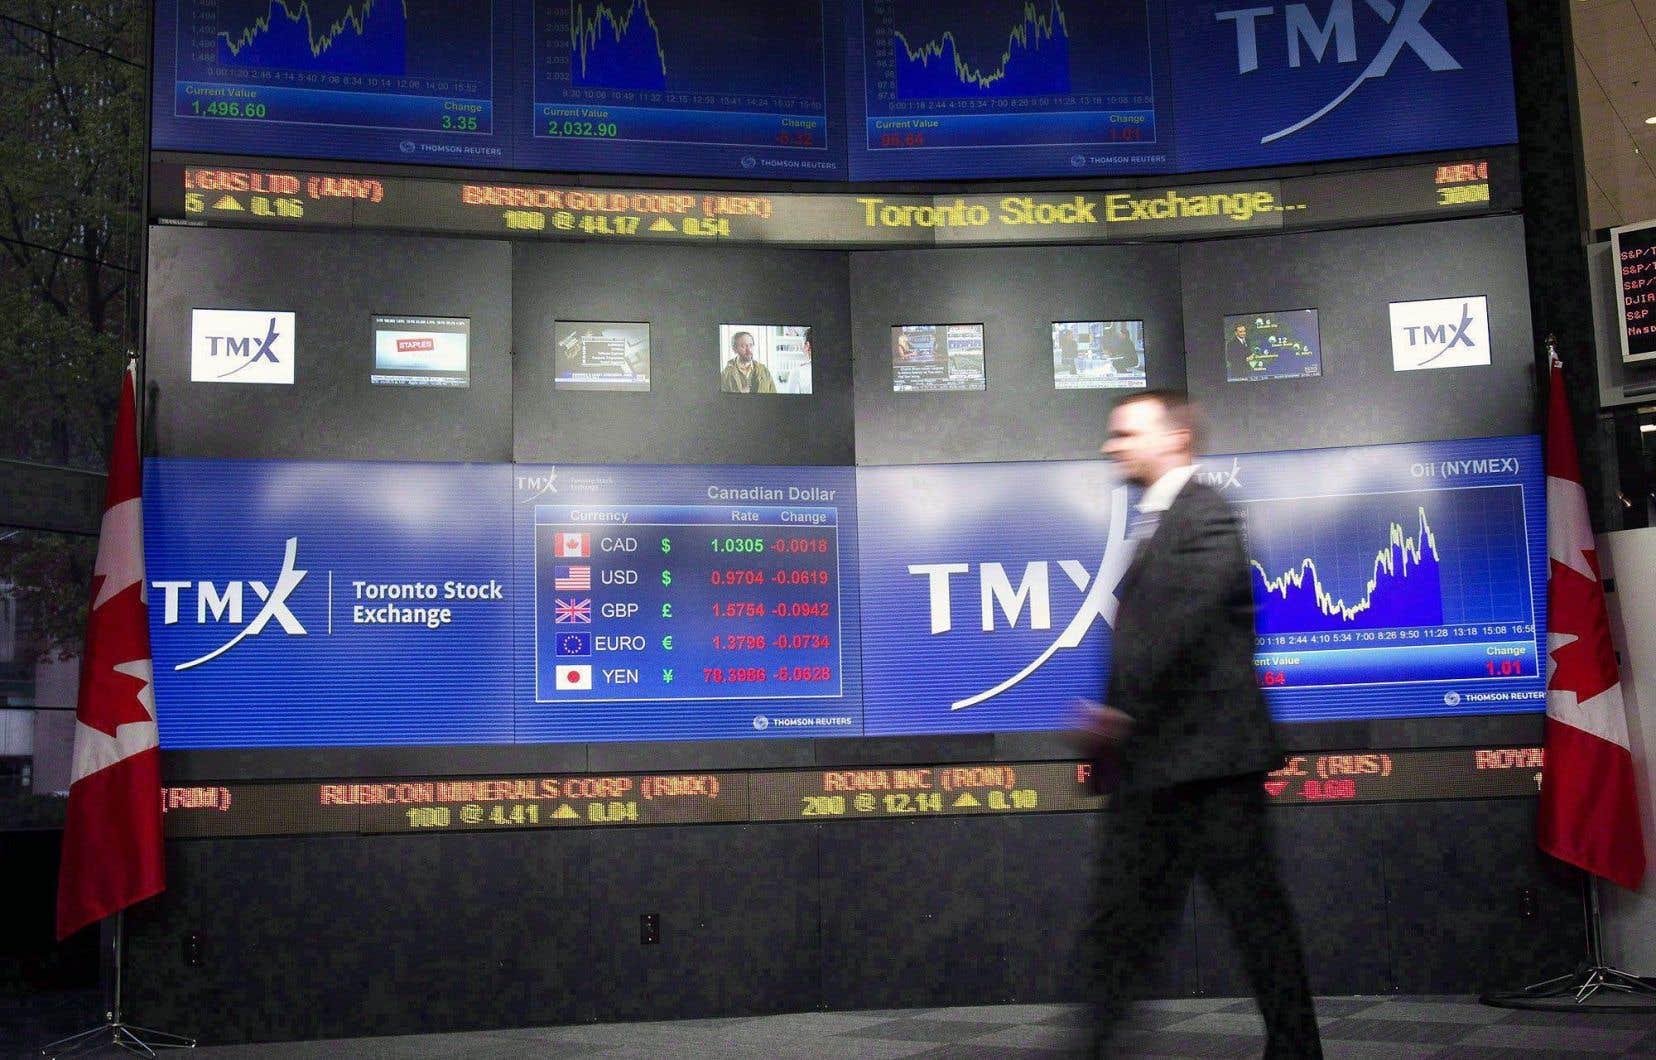 Les marchés boursiers de Toronto et de New York ont terminé la séance dans une relative stabilité.